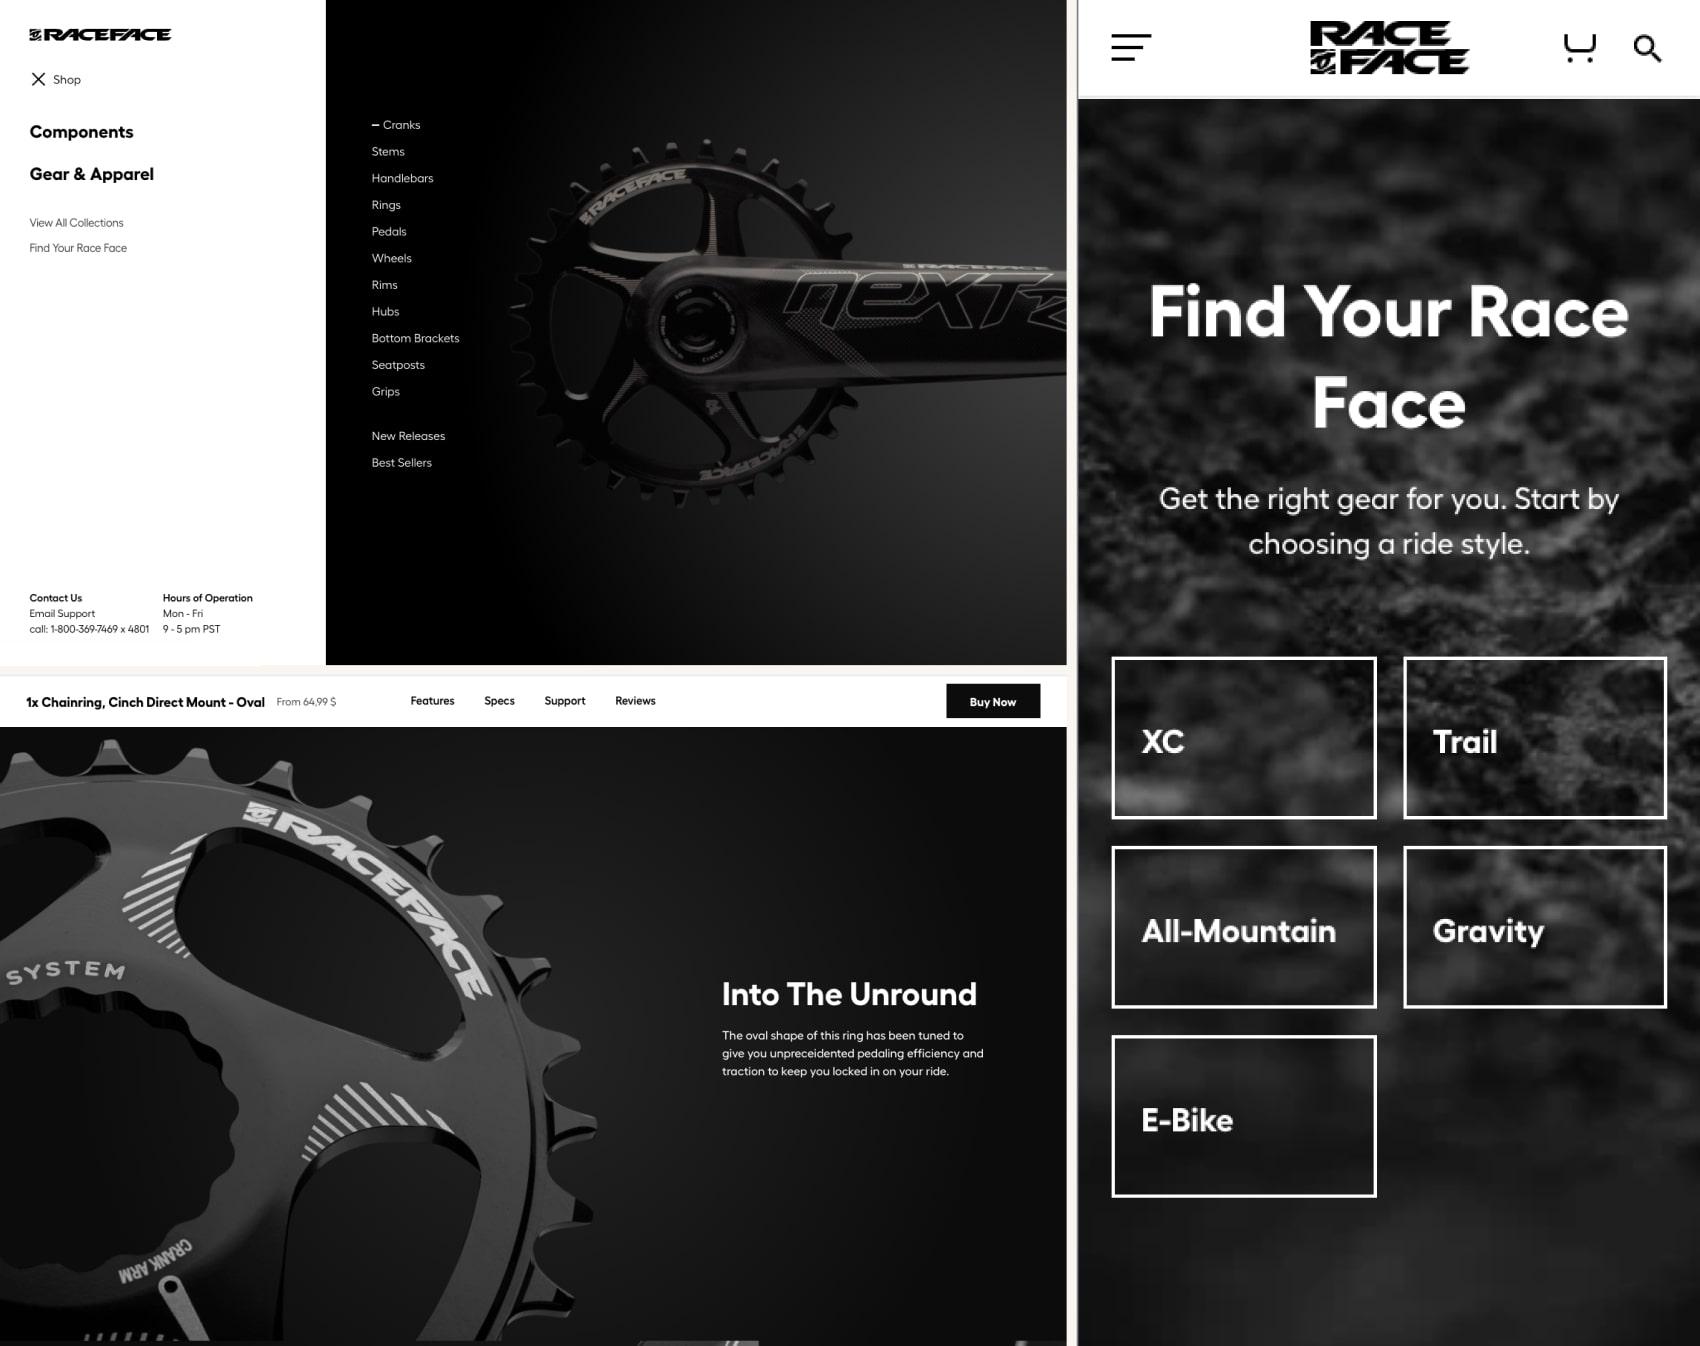 дизайн интернет магазина Raceface